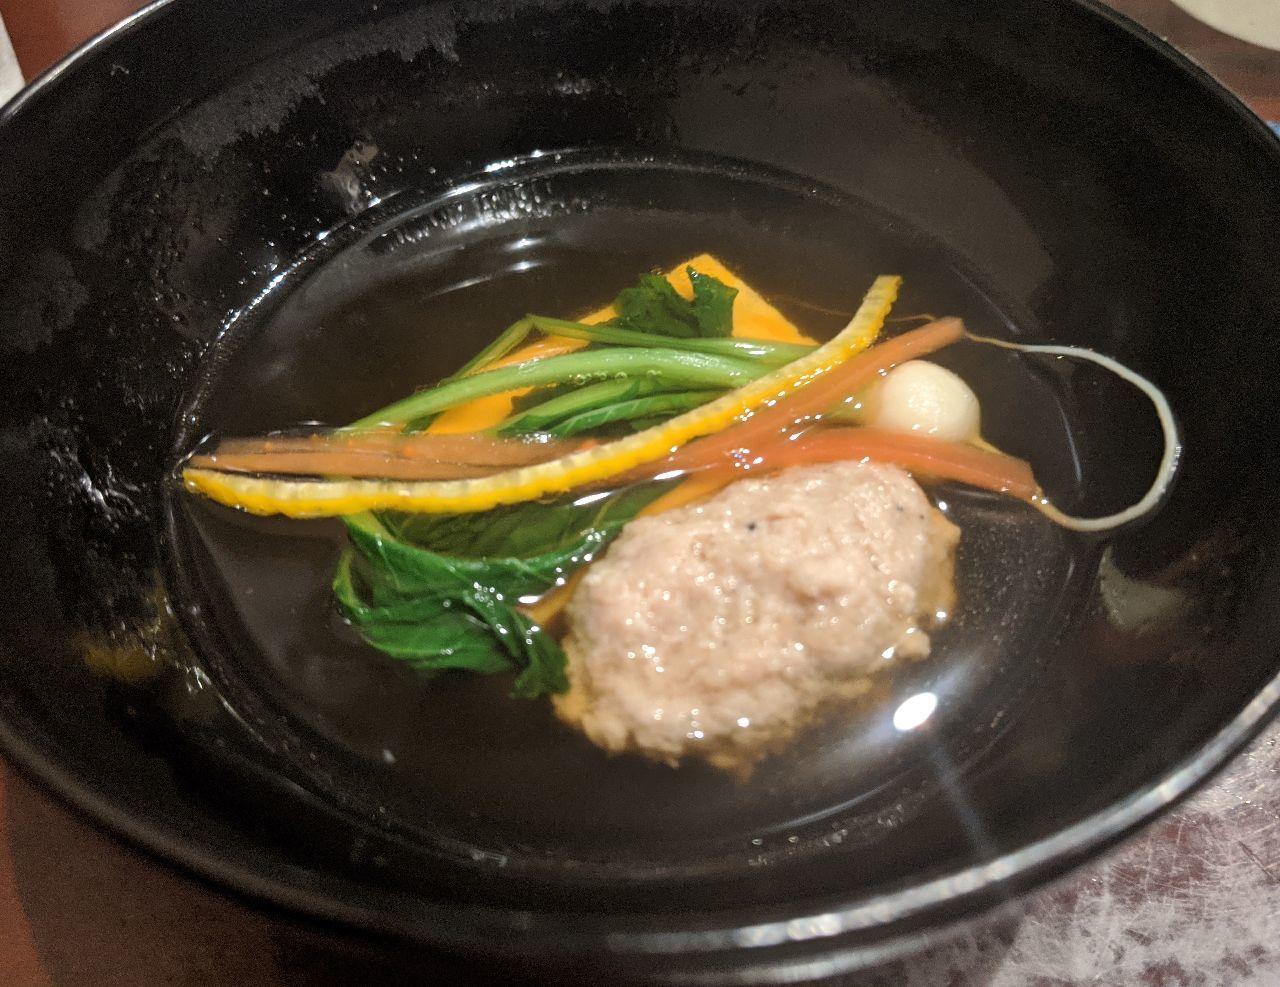 MVIMG_20200403_195956鶏スープ